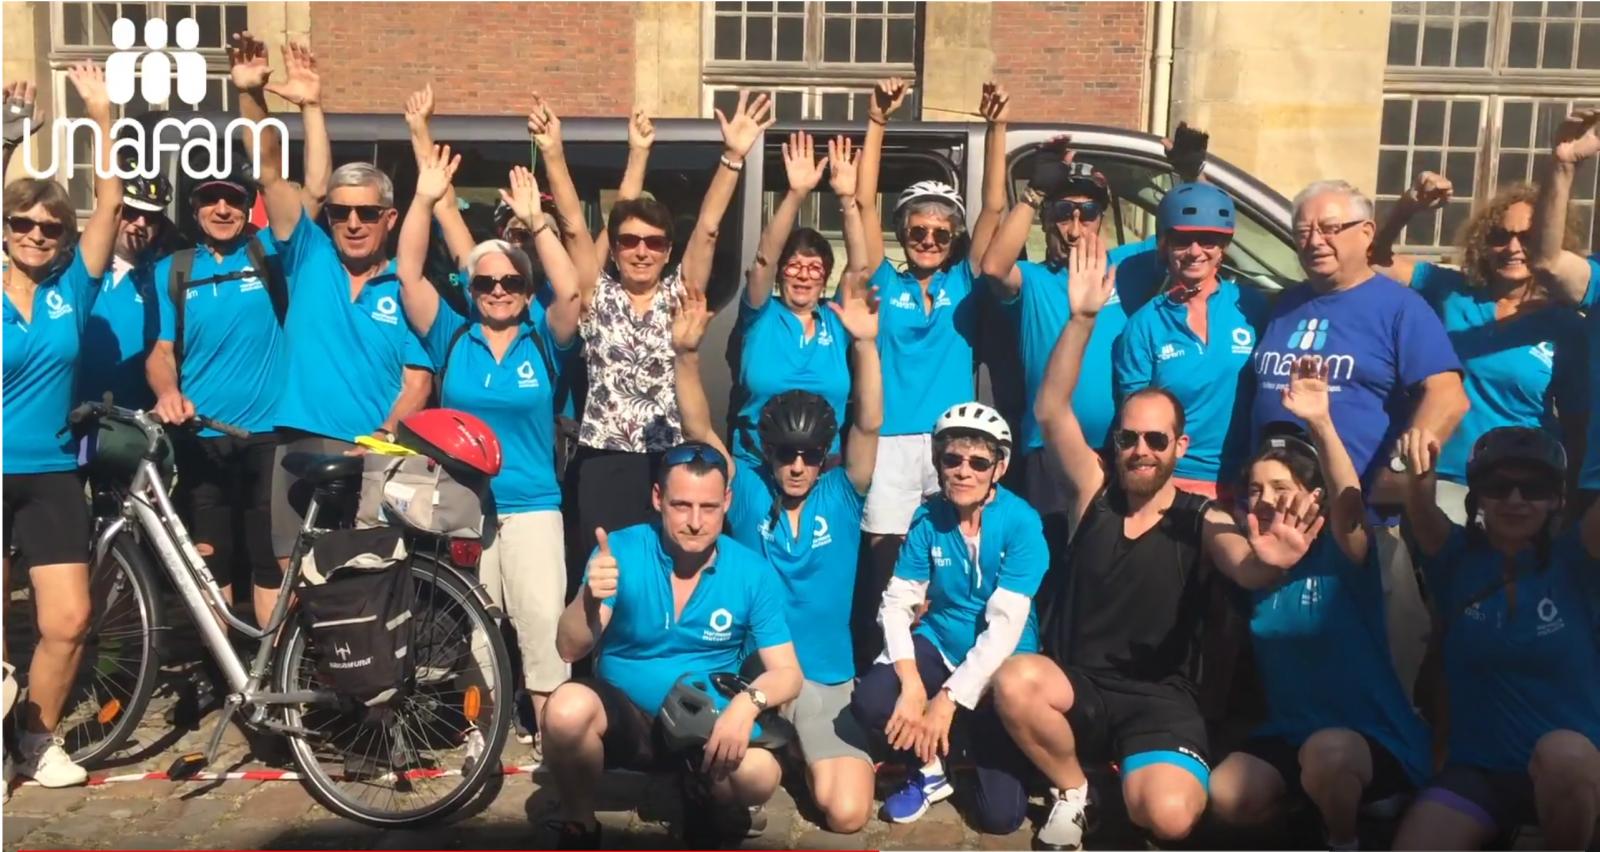 Psycyclette : un Tour de France contre les idées reçues sur les maladies psychiques 11-19 juin